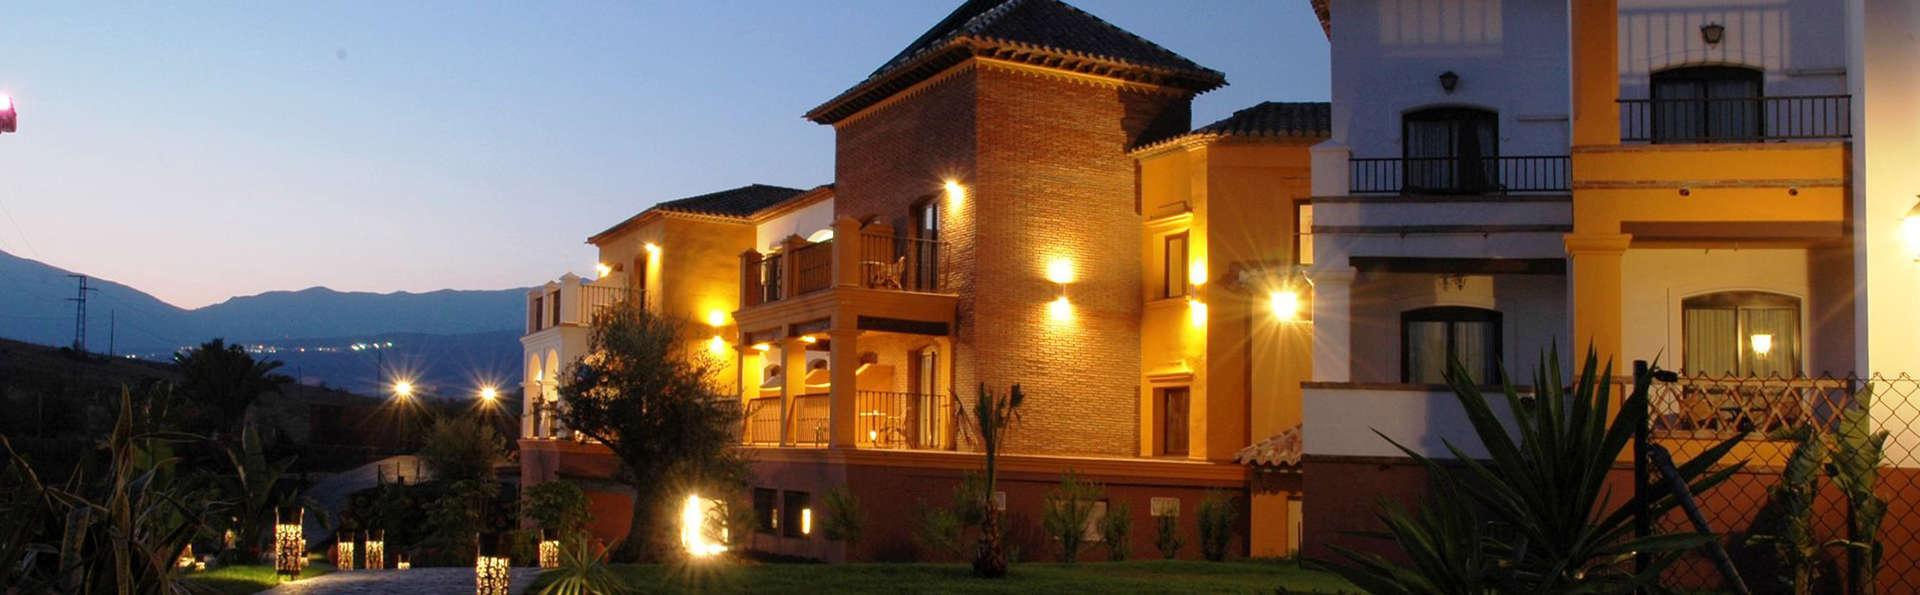 B Bou Hotel La viñuela & Spa - edit_front1.jpg